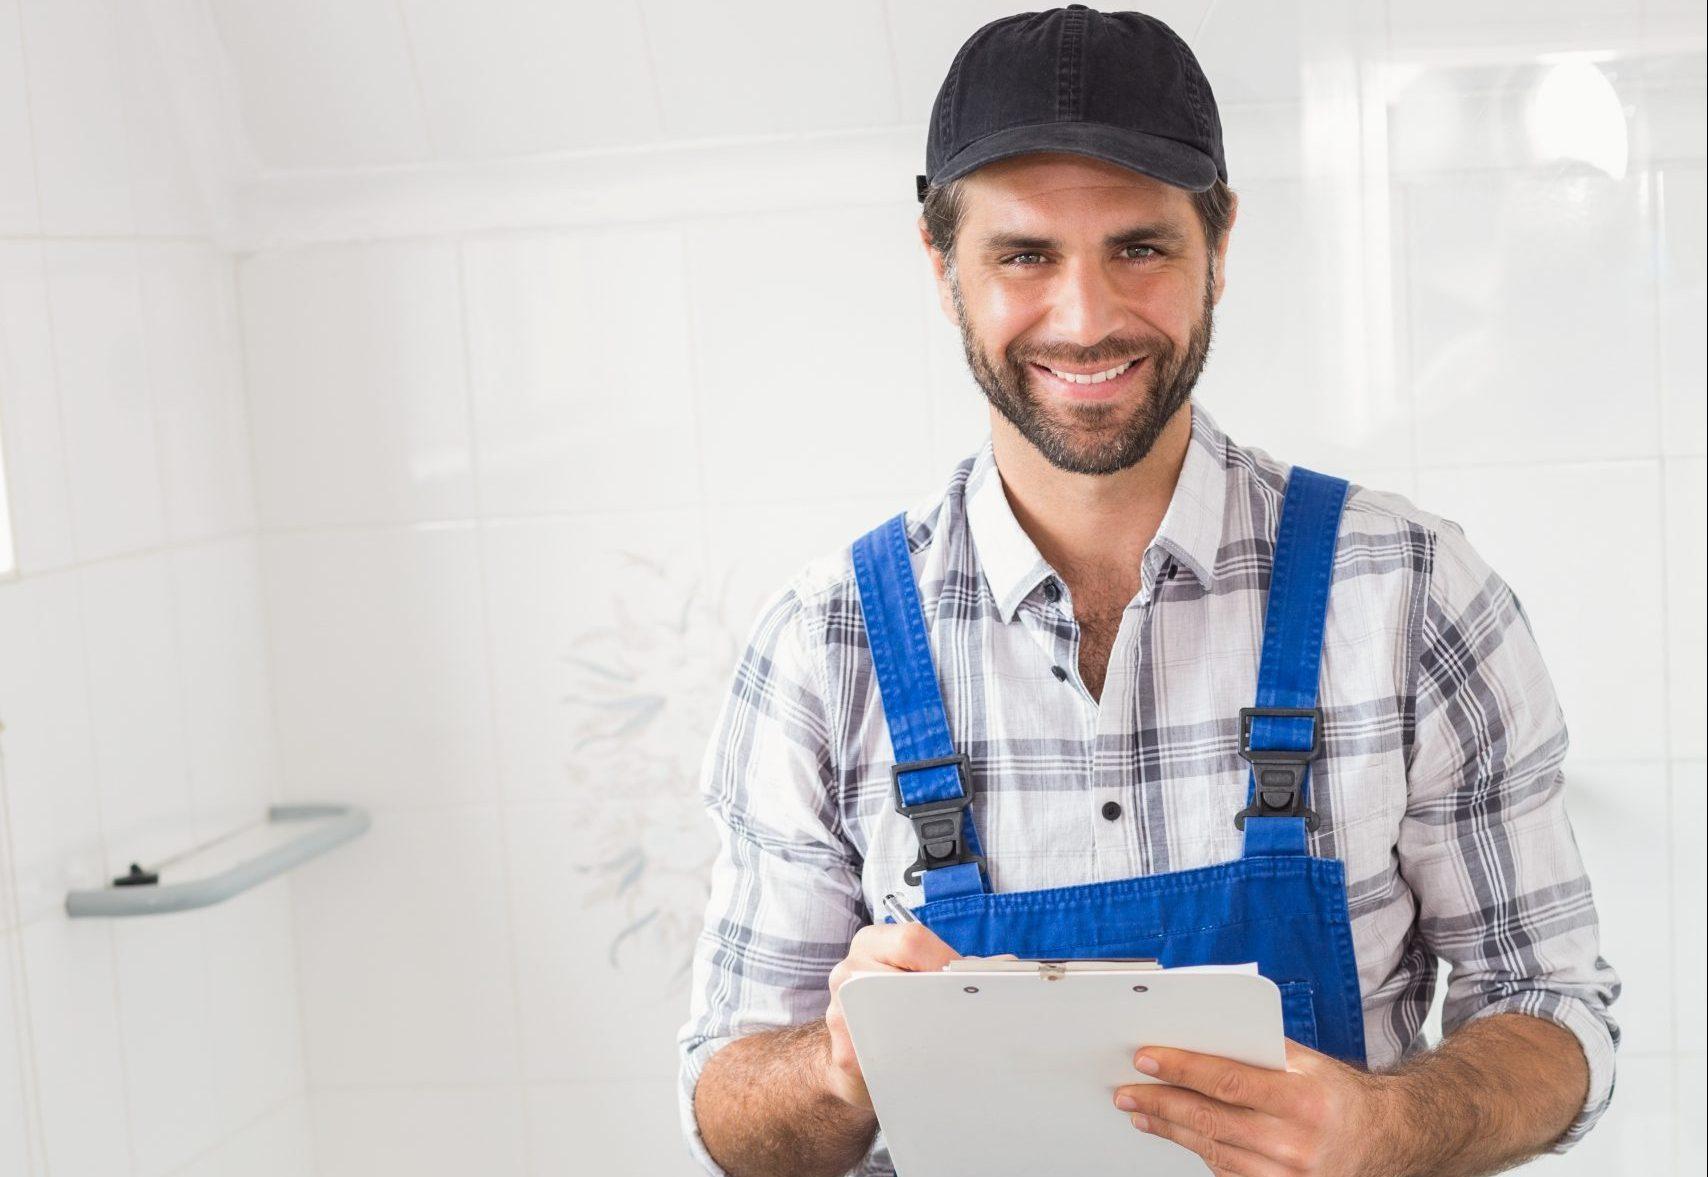 Plombiers qualifiés, prix juste et connu à l'avance